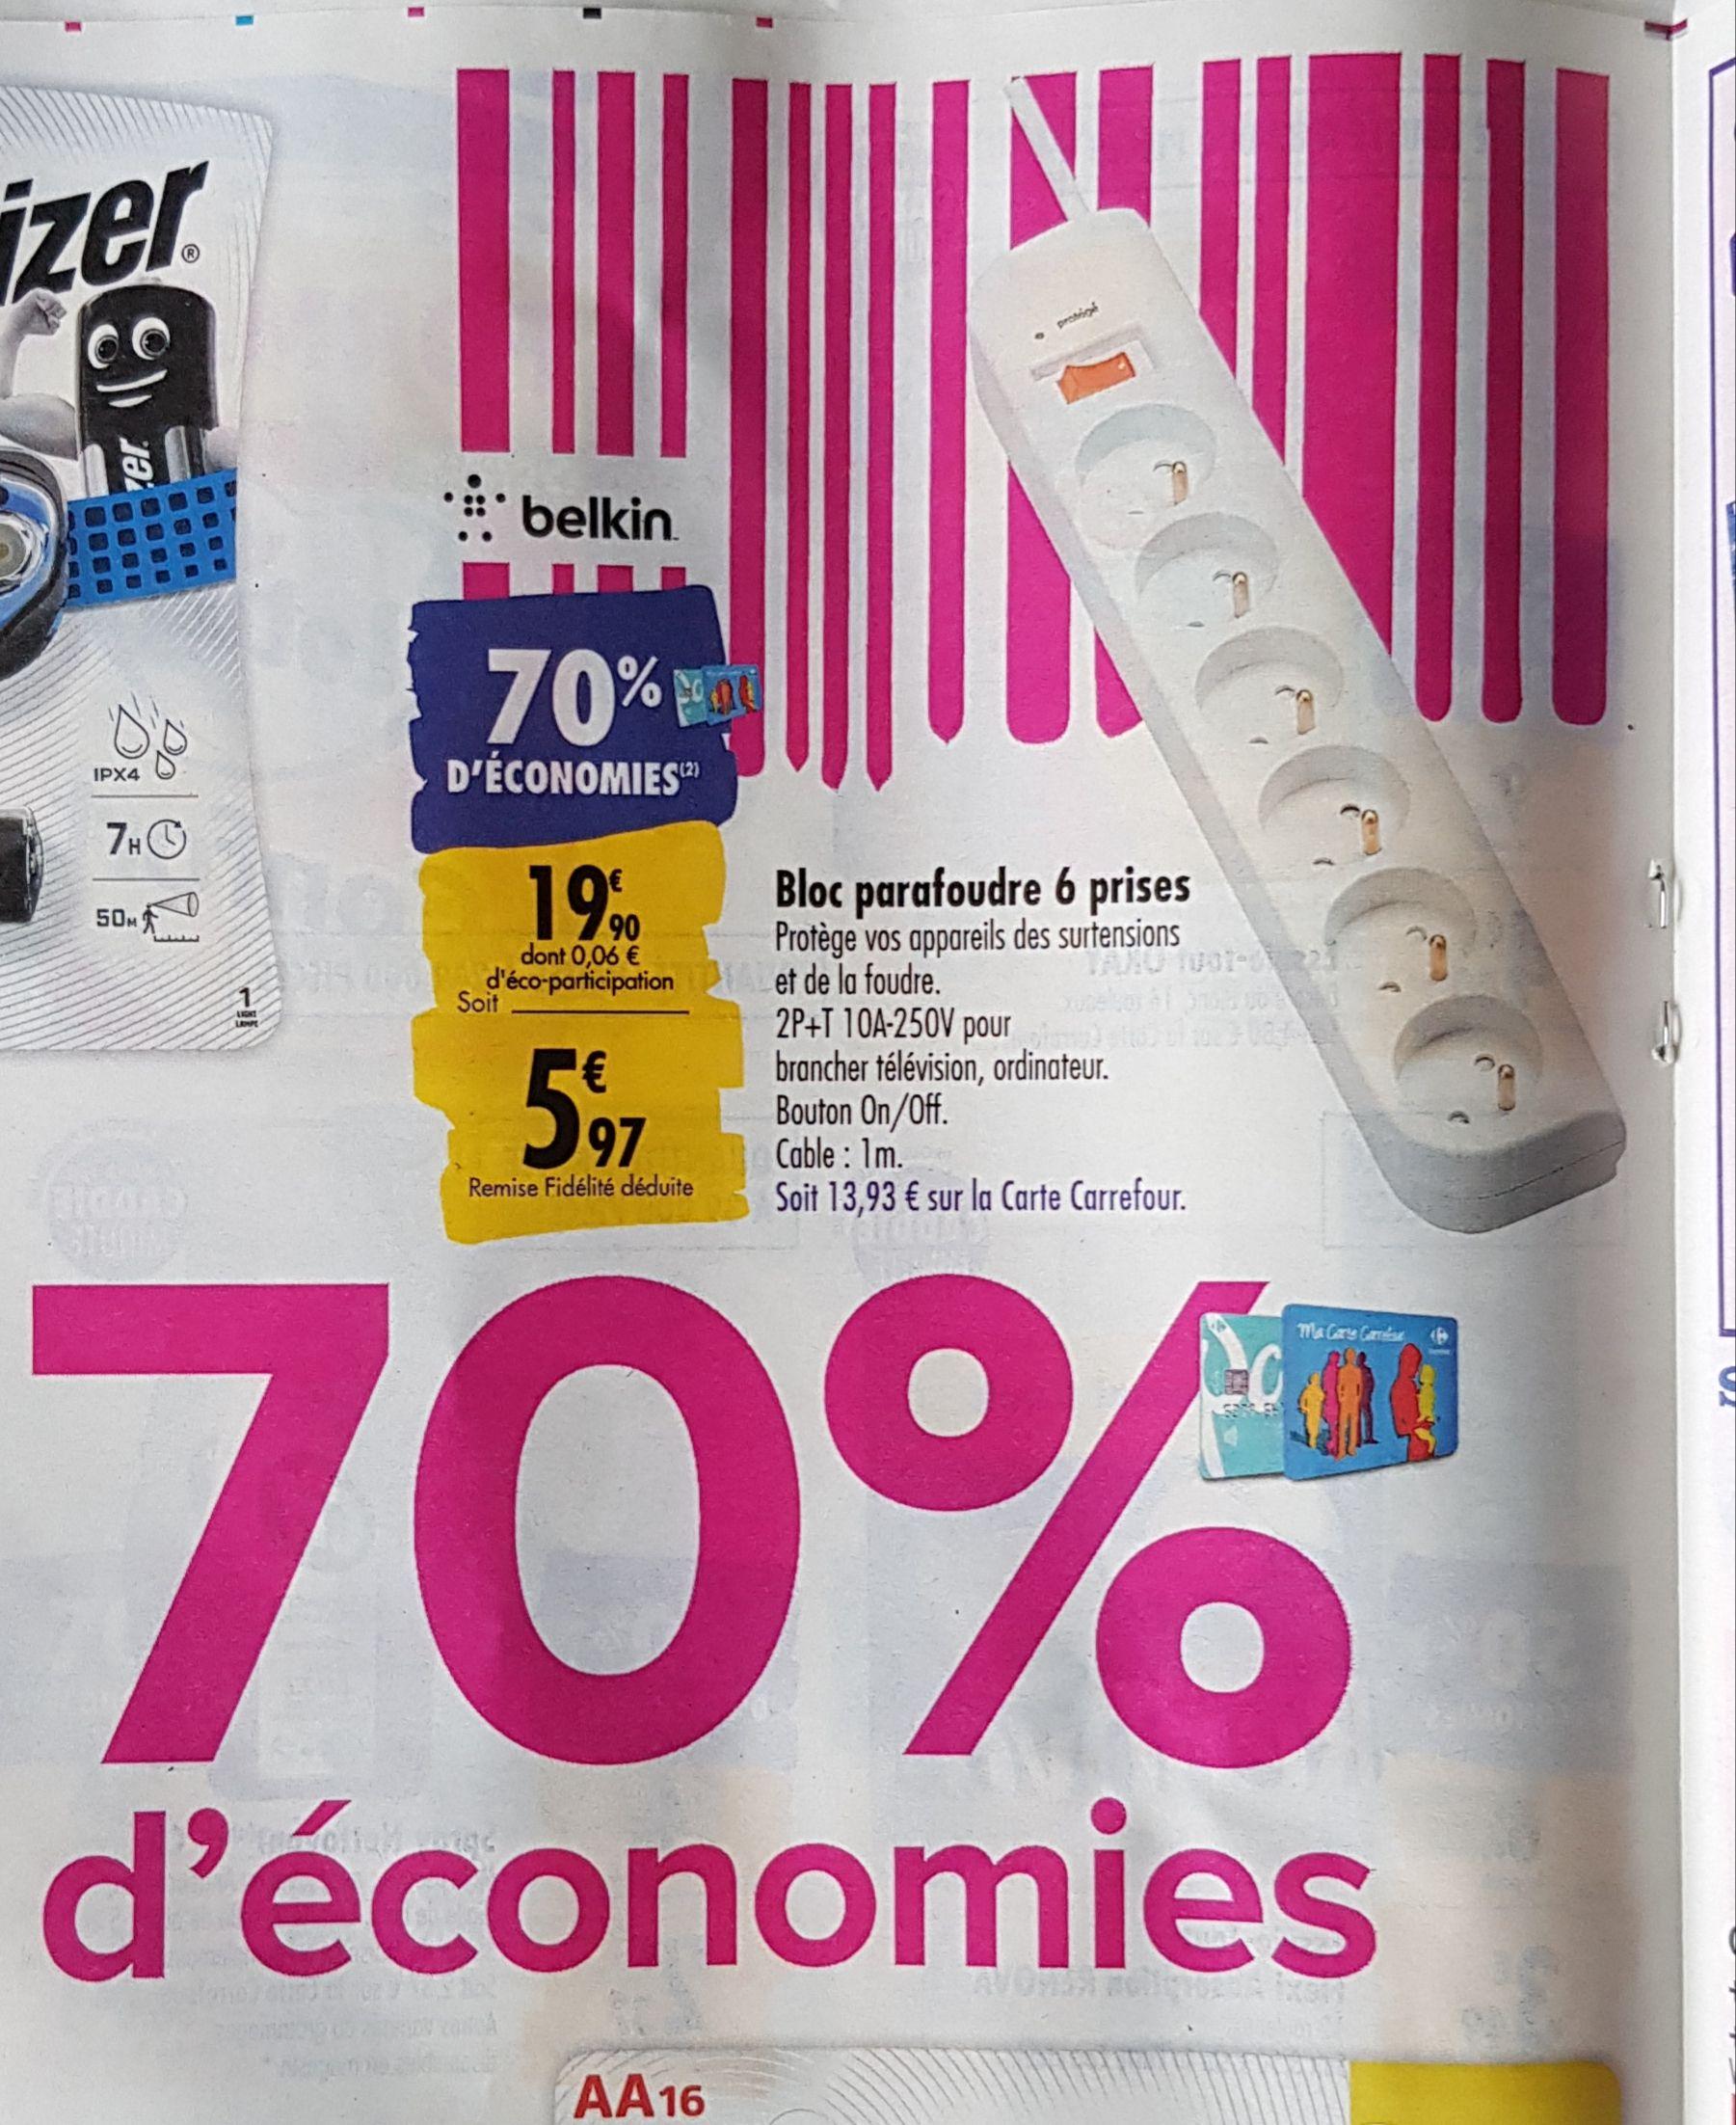 Bloc parafoudre Belkin - 6 prises (via 13.97€ sur la carte fidélité)